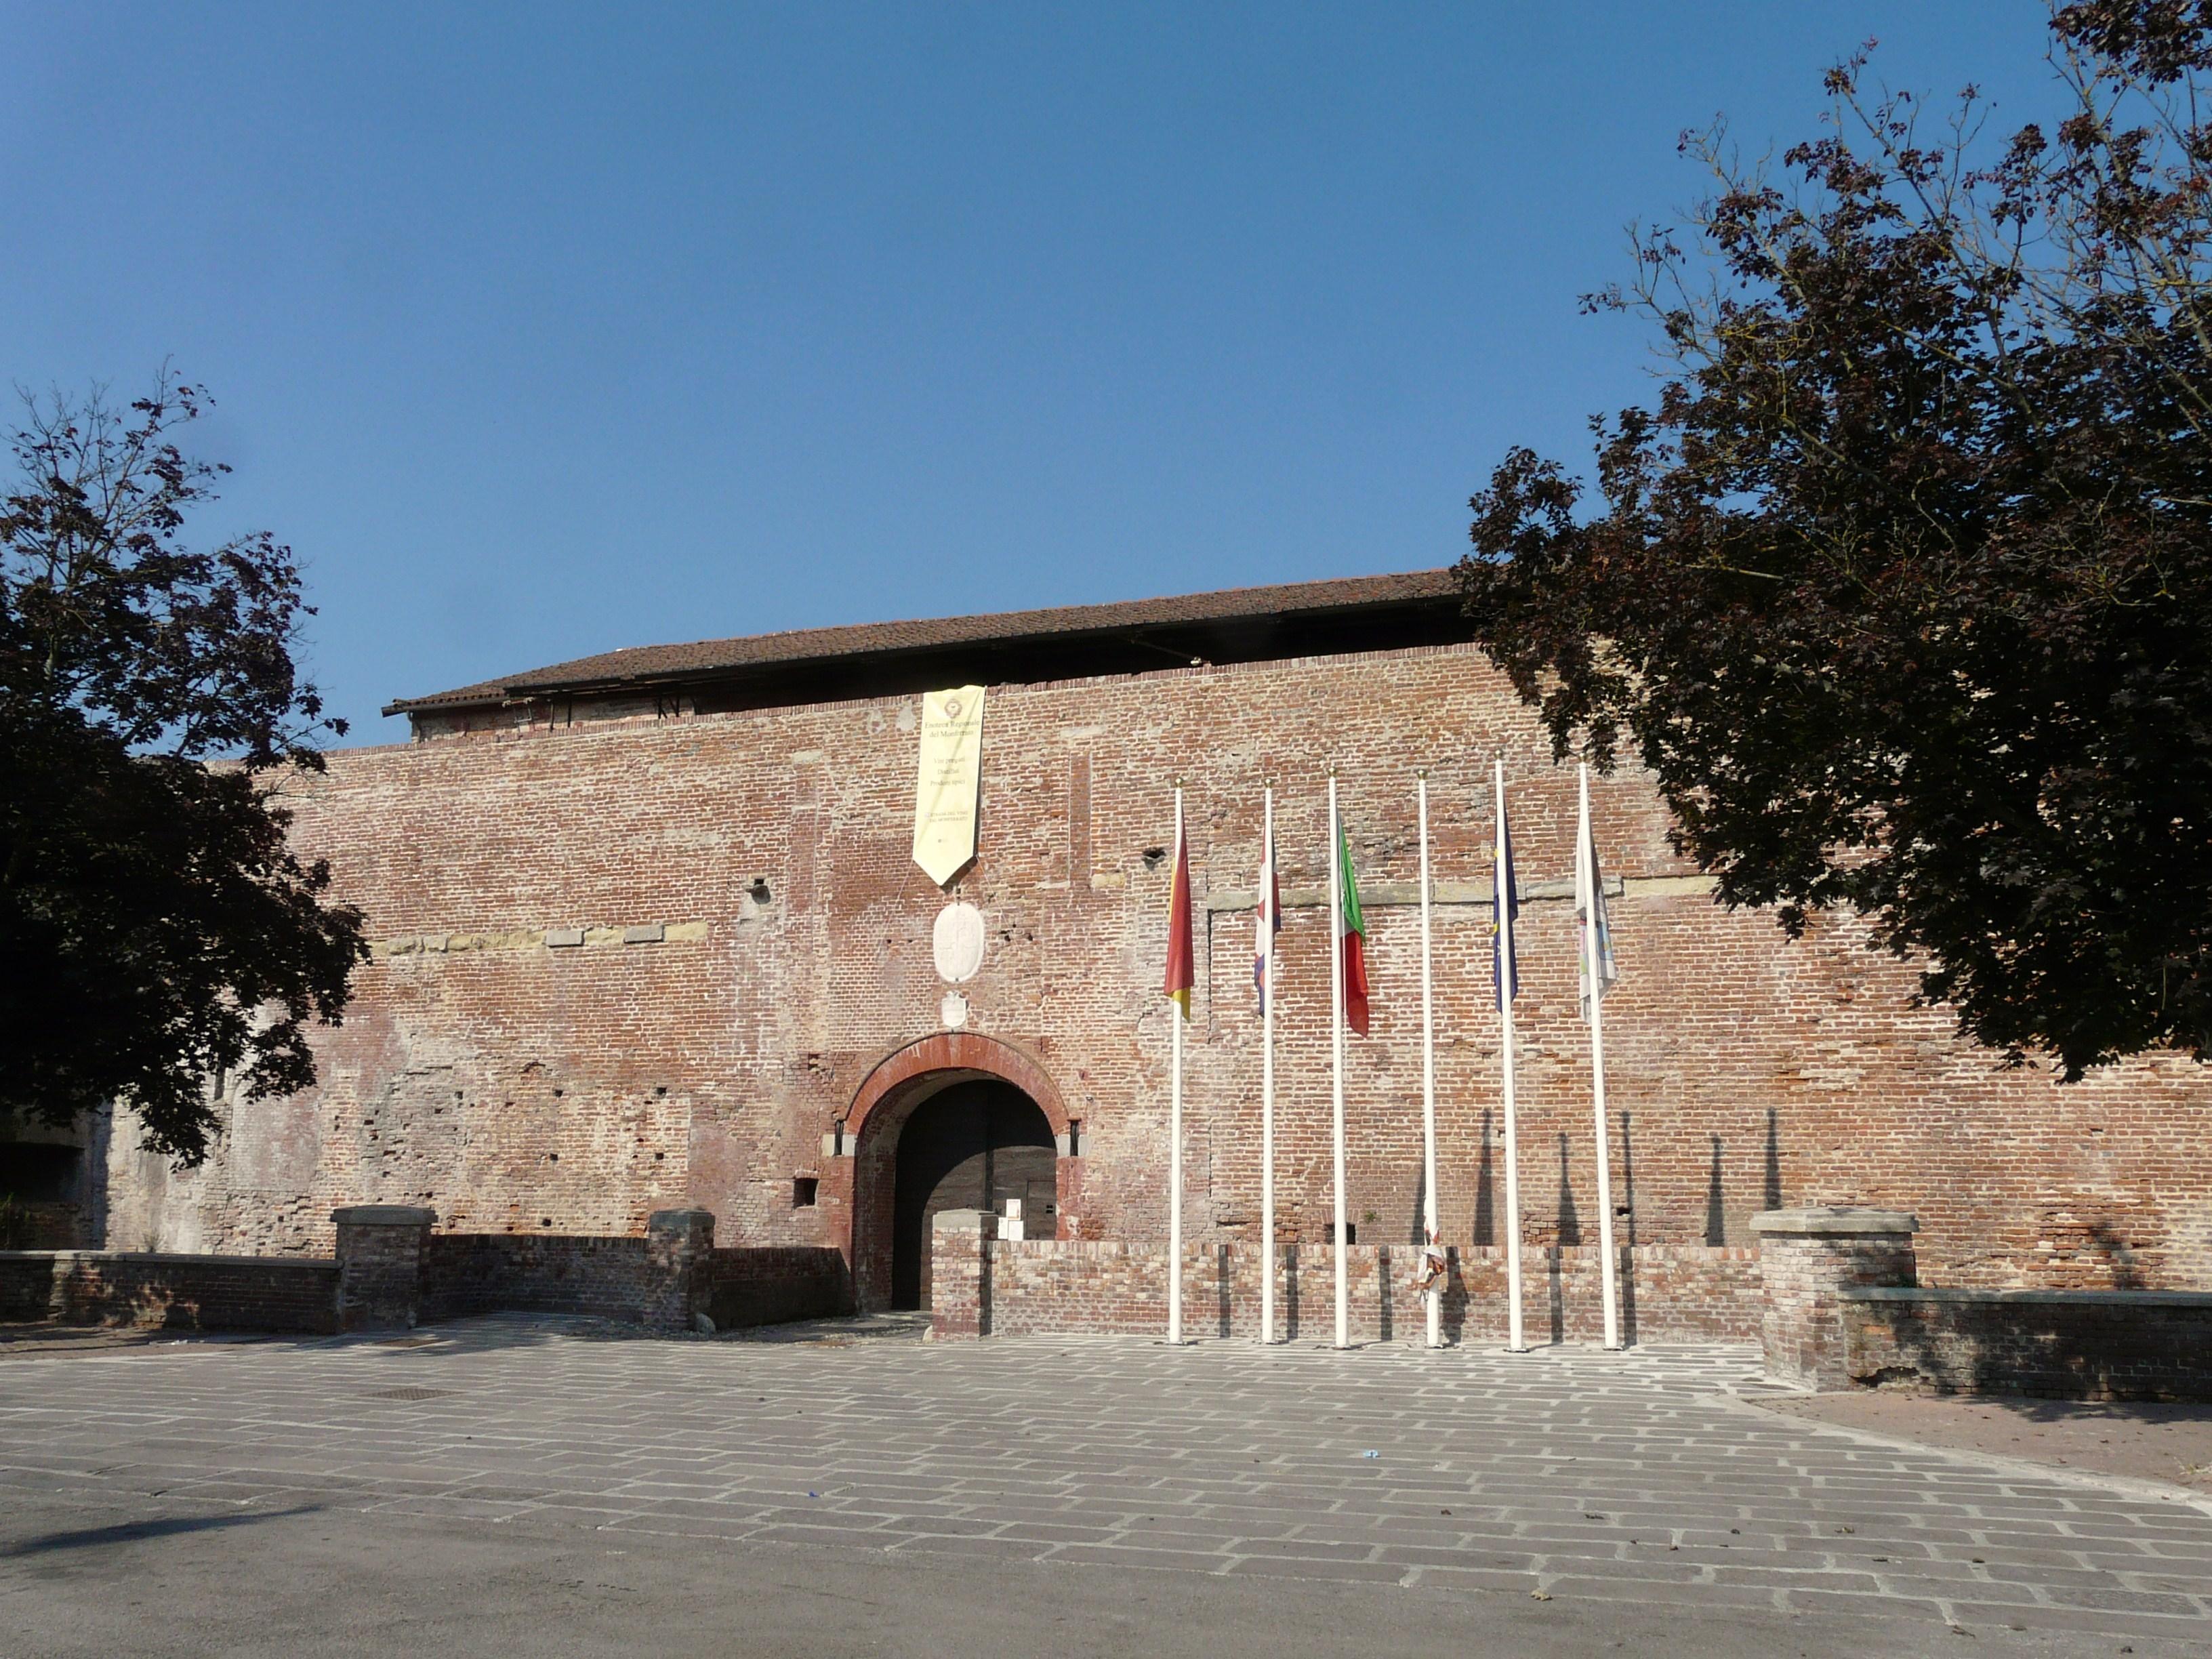 Casale_Monferrato-castello